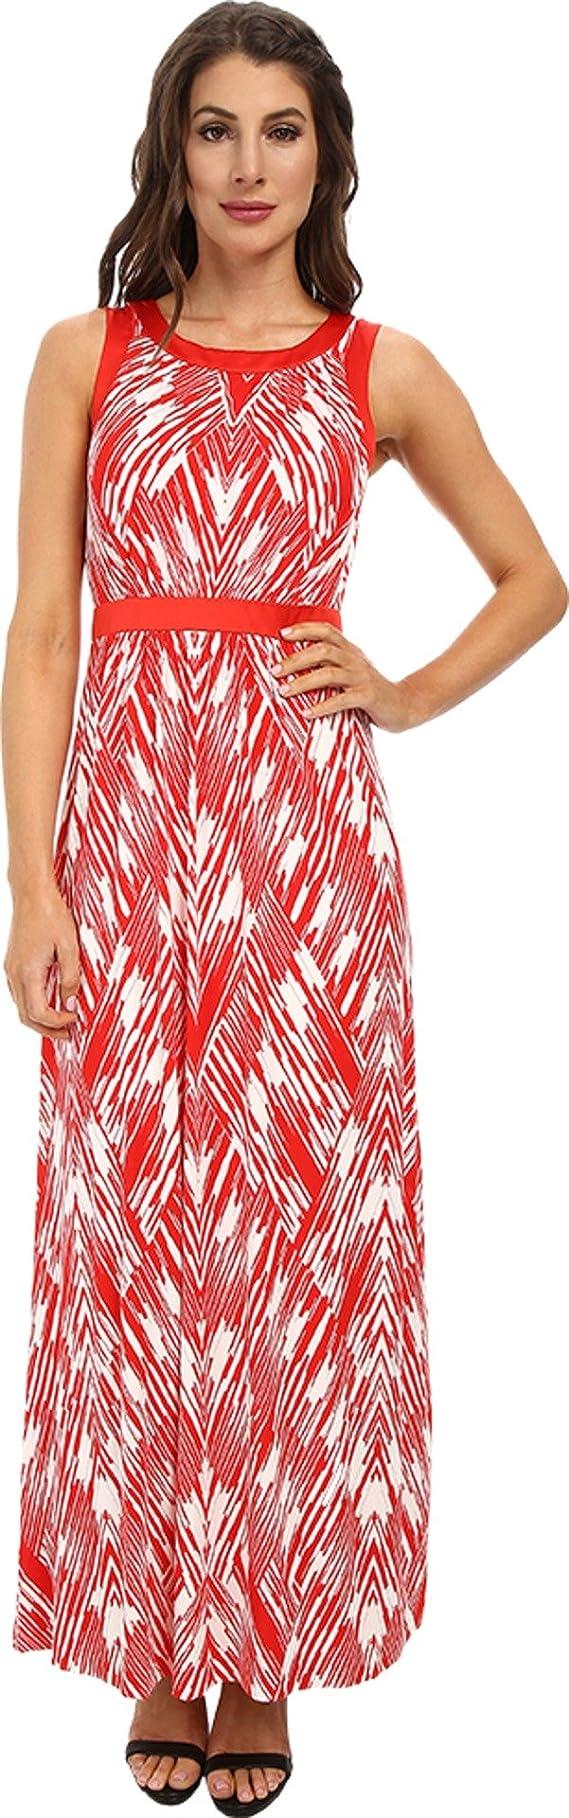 NYDJ Women's Mikala Printed Dress